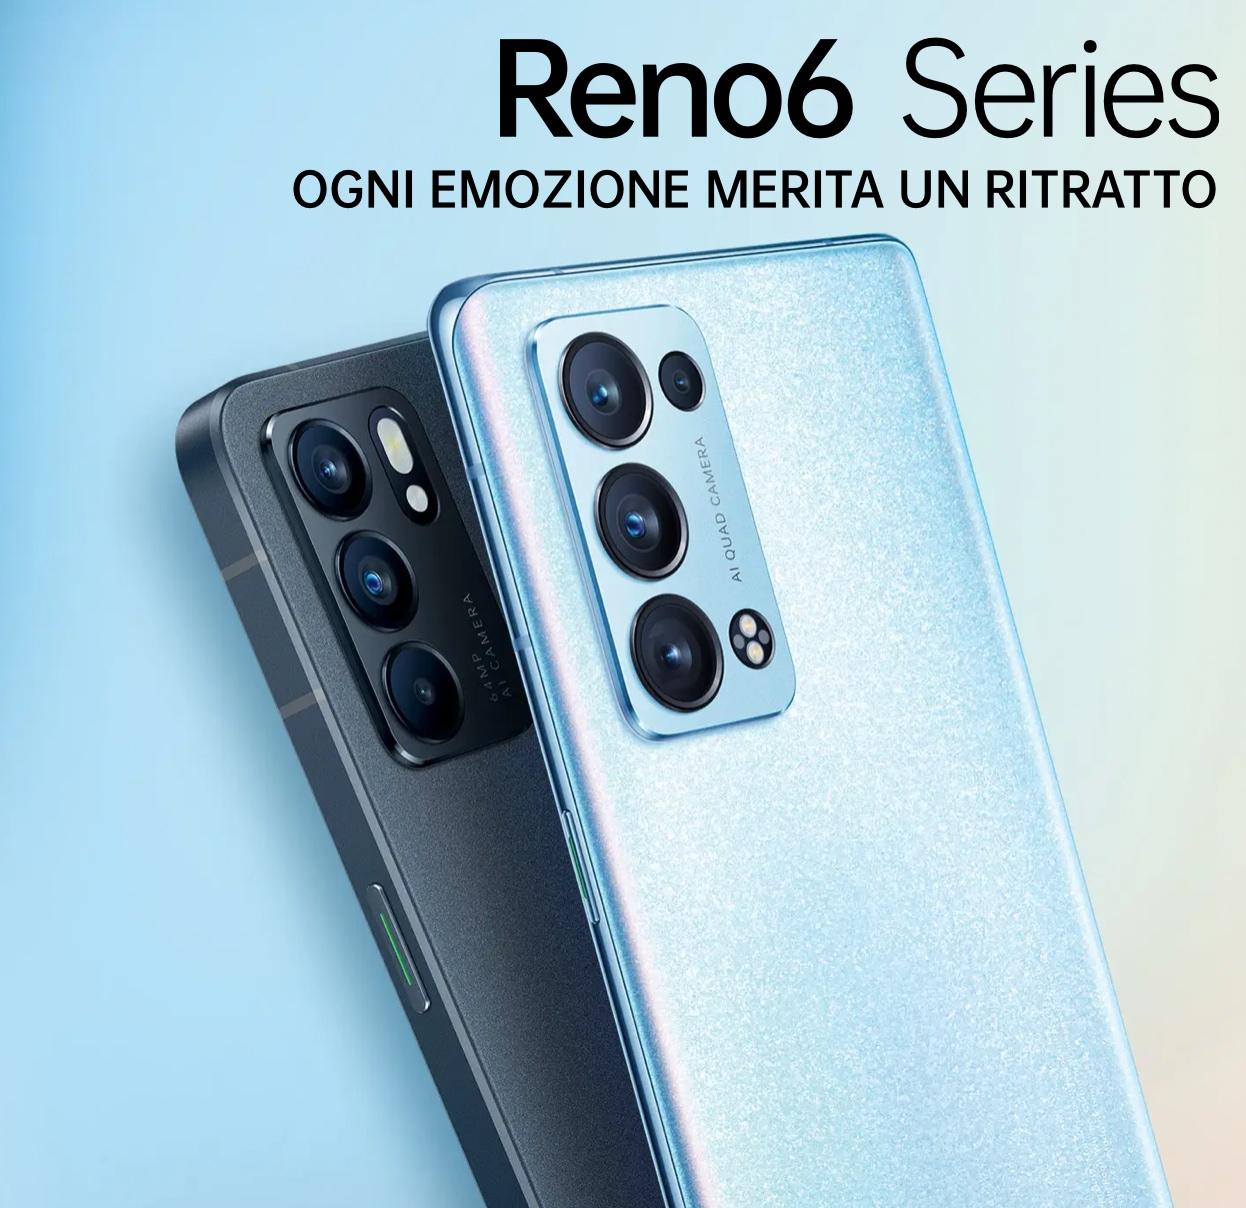 Ultimi dettagli OPPO Reno 6 Series: rivoluzione del video ritratto e una grande location ospiterà l'evento di lancio